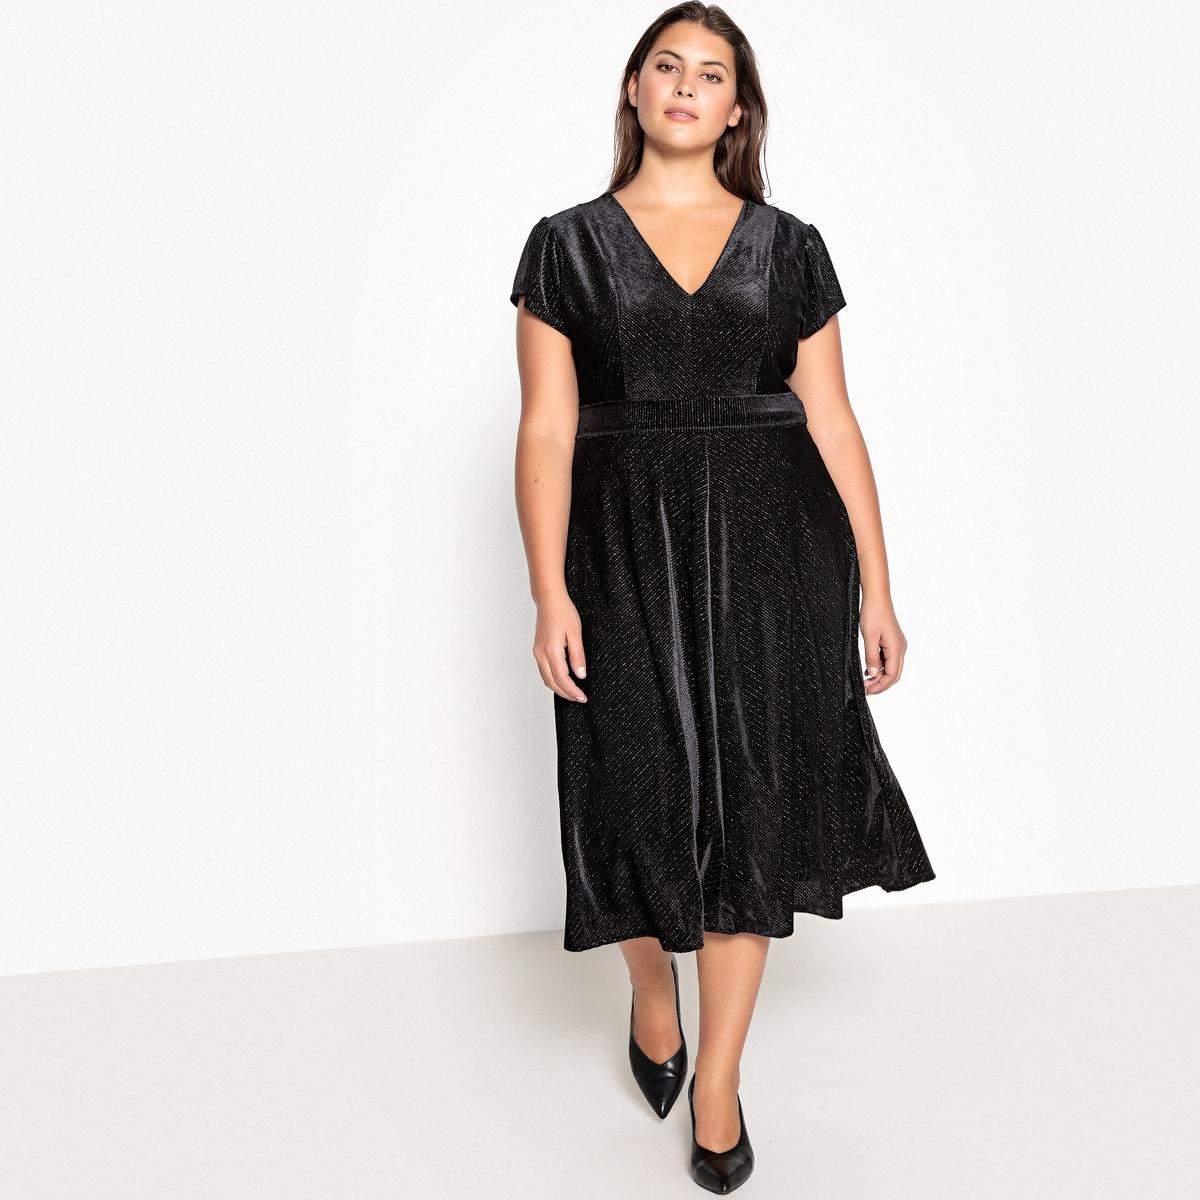 купить Платье длинное расклешенное с короткими рукавами из велюра по цене 4249 рублей